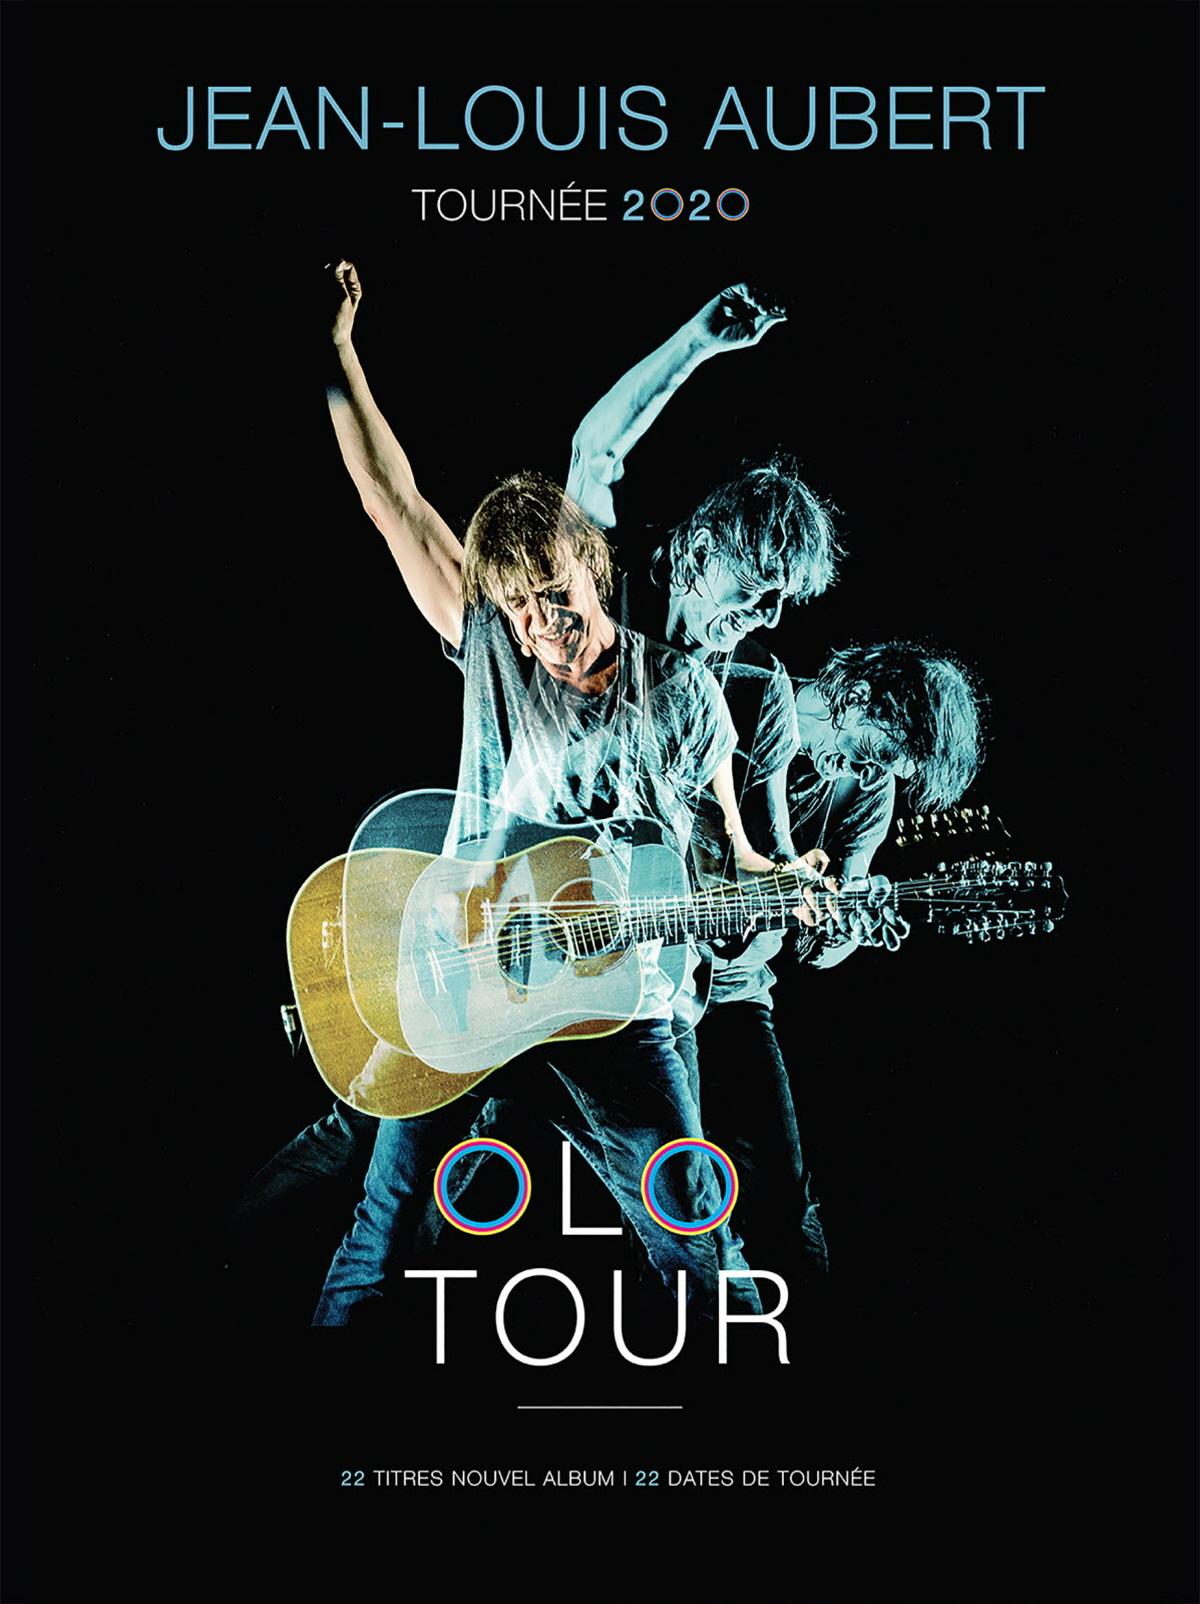 Limoges : Jean-Louis Aubert : OLO Tour